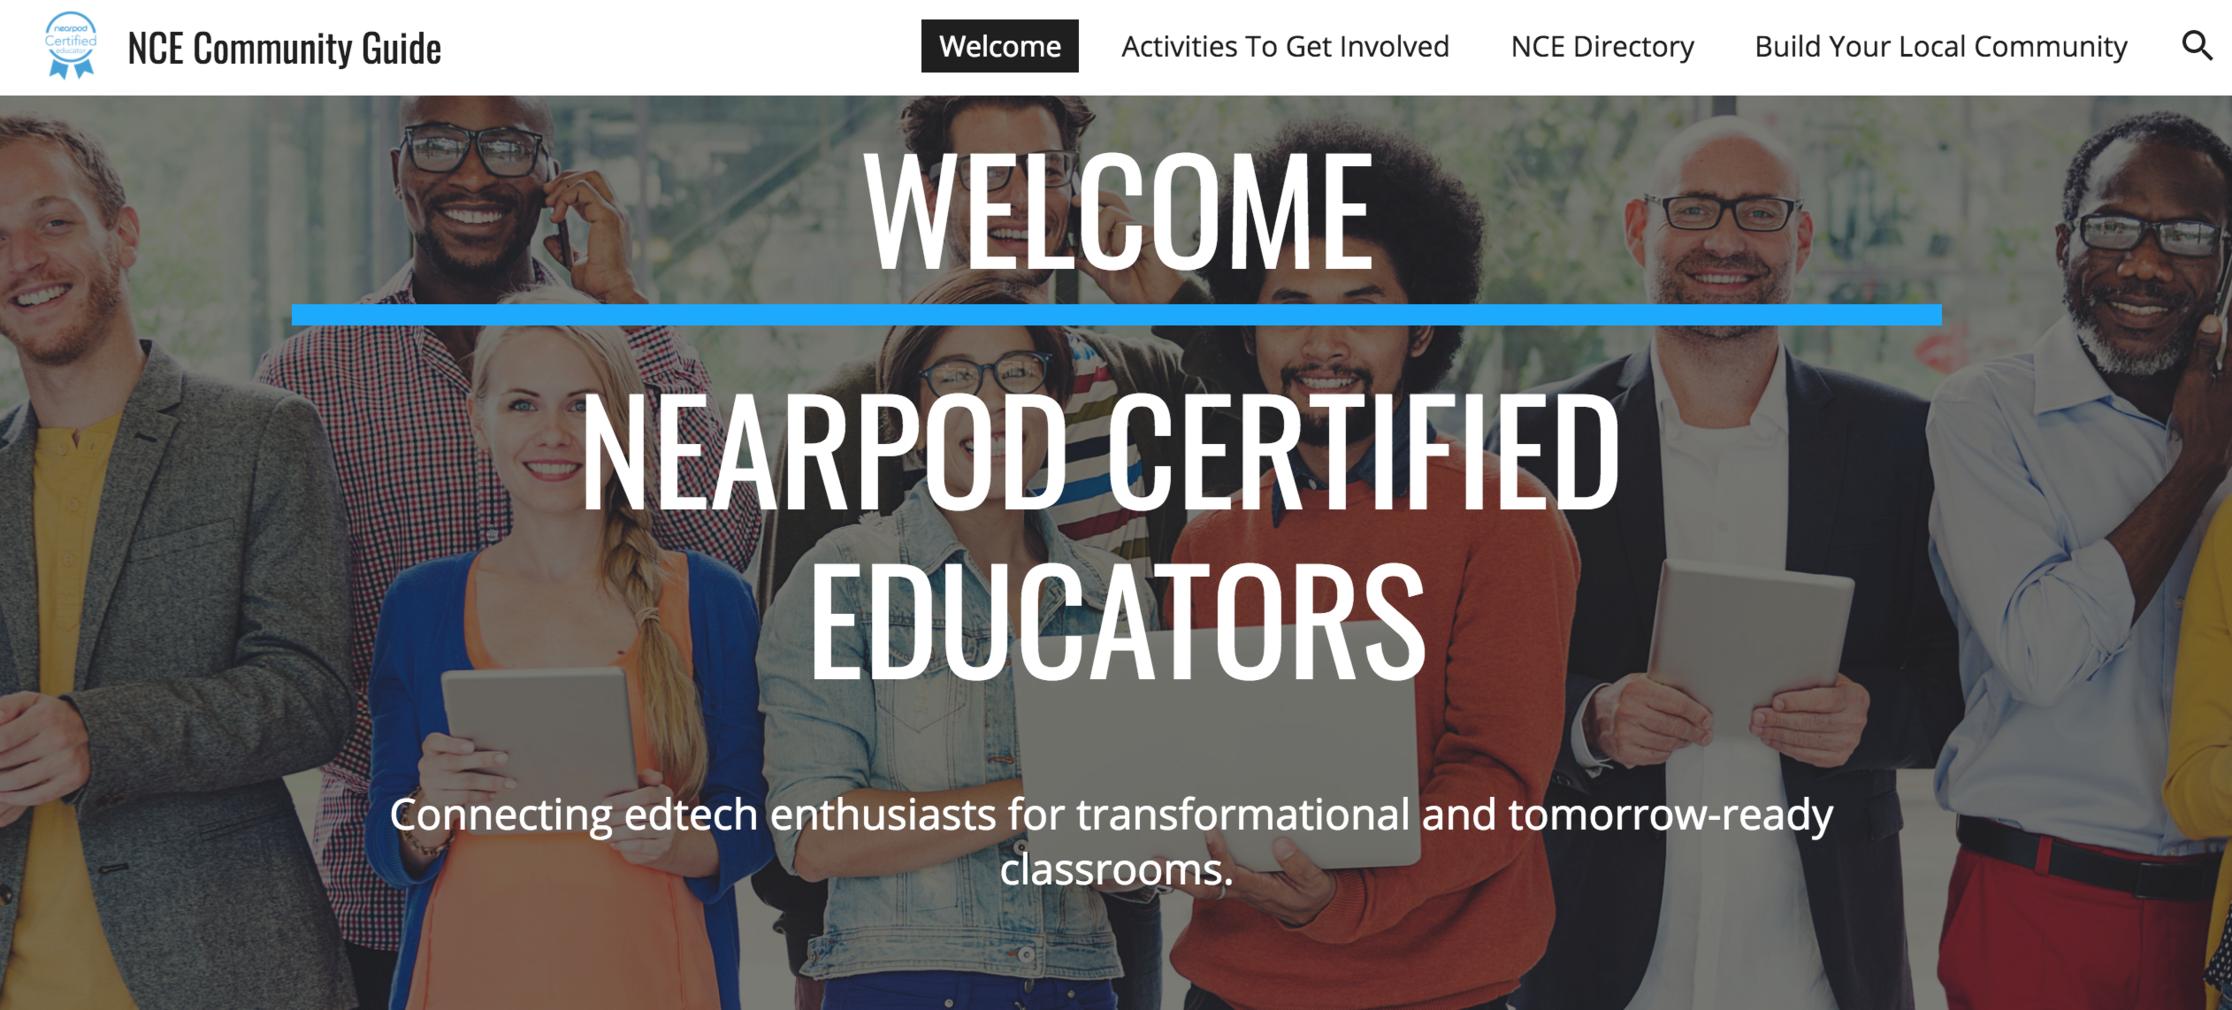 Welcome Nearpod Certified Educators